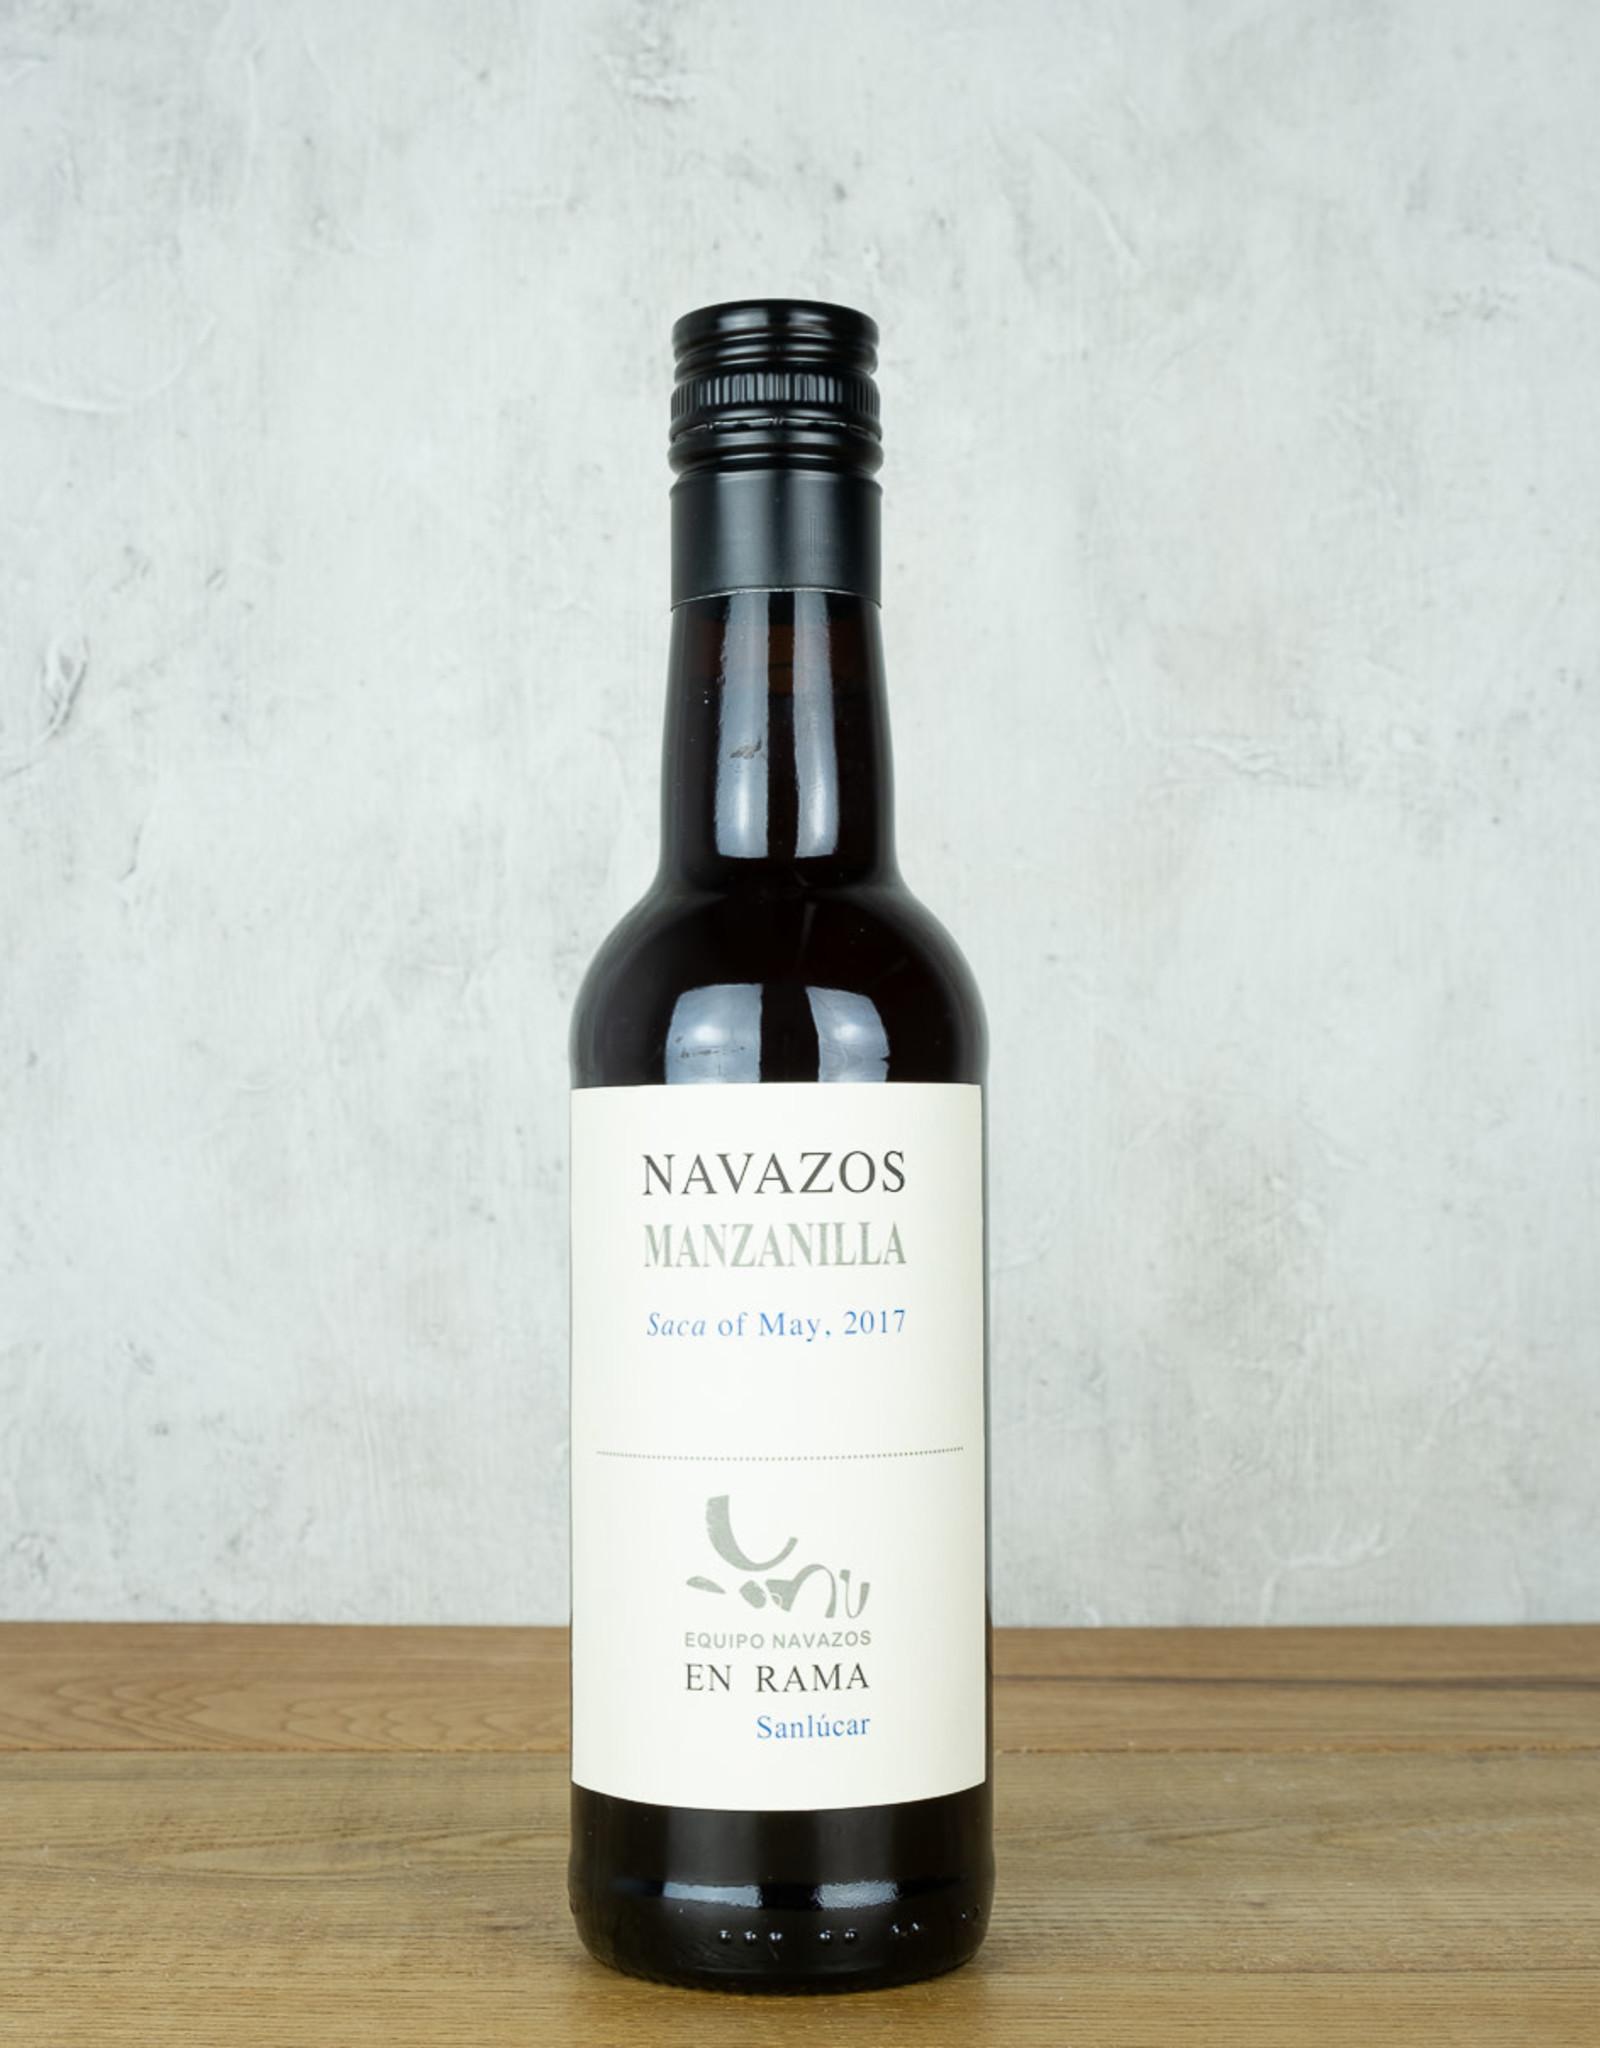 Equipo Navazos Manzanilla Sherry En Rama 375ml